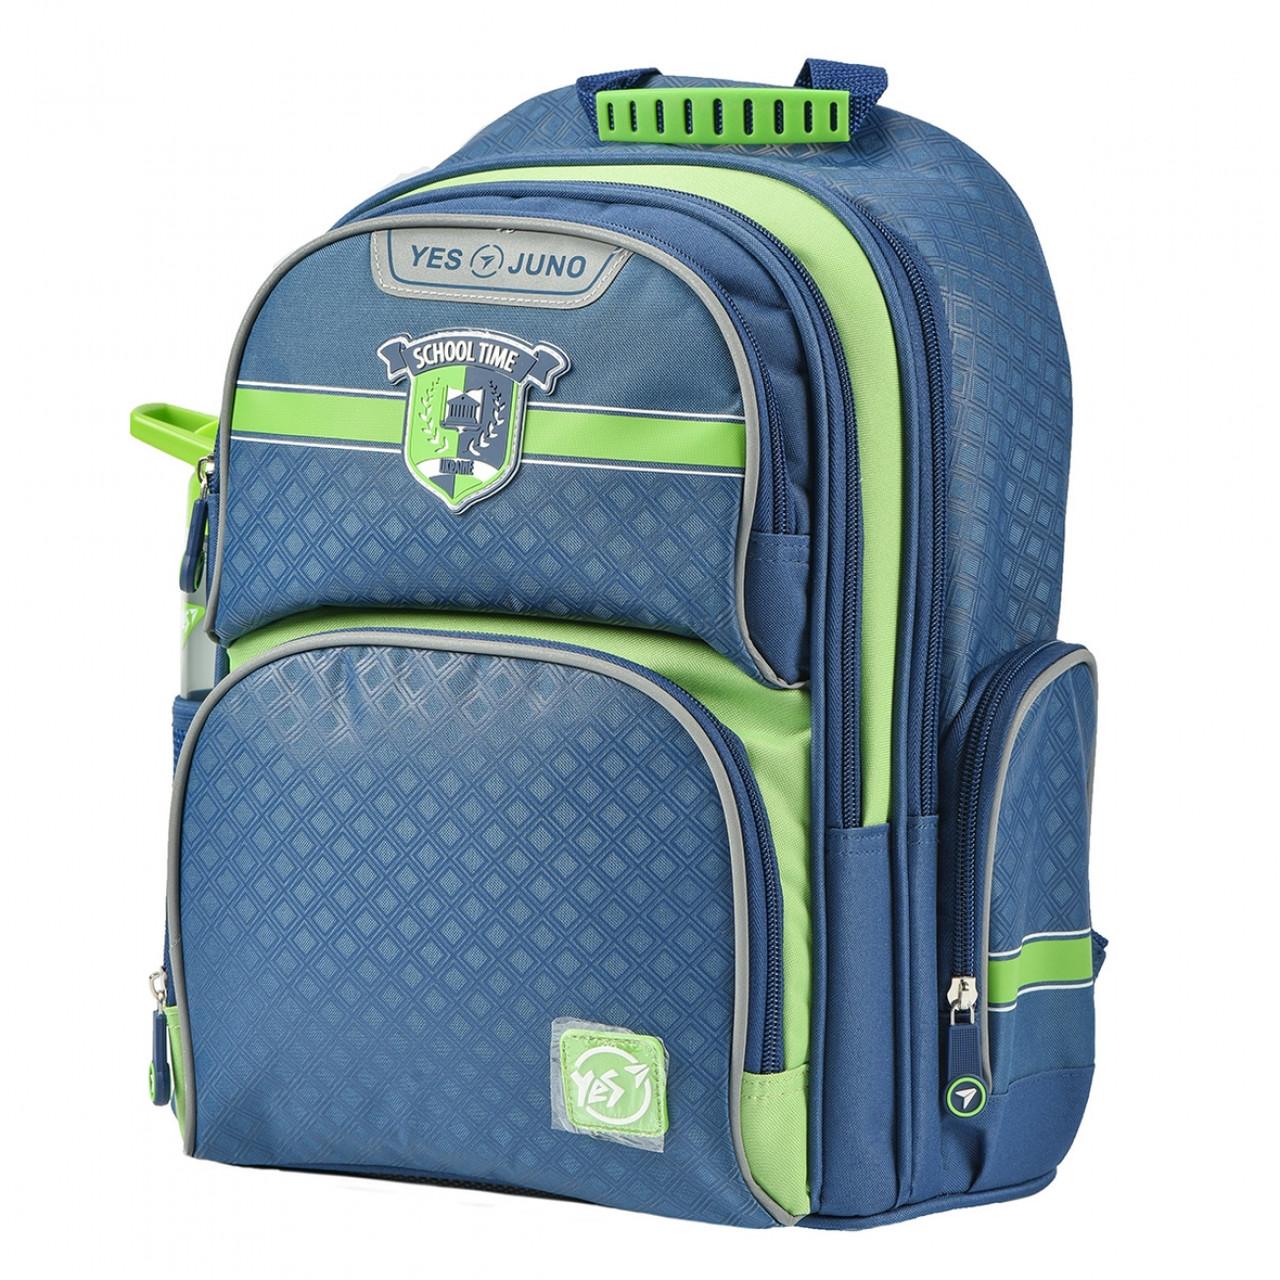 Рюкзак шкільний YES S-30 Juno School time Синій/зелений (558011)